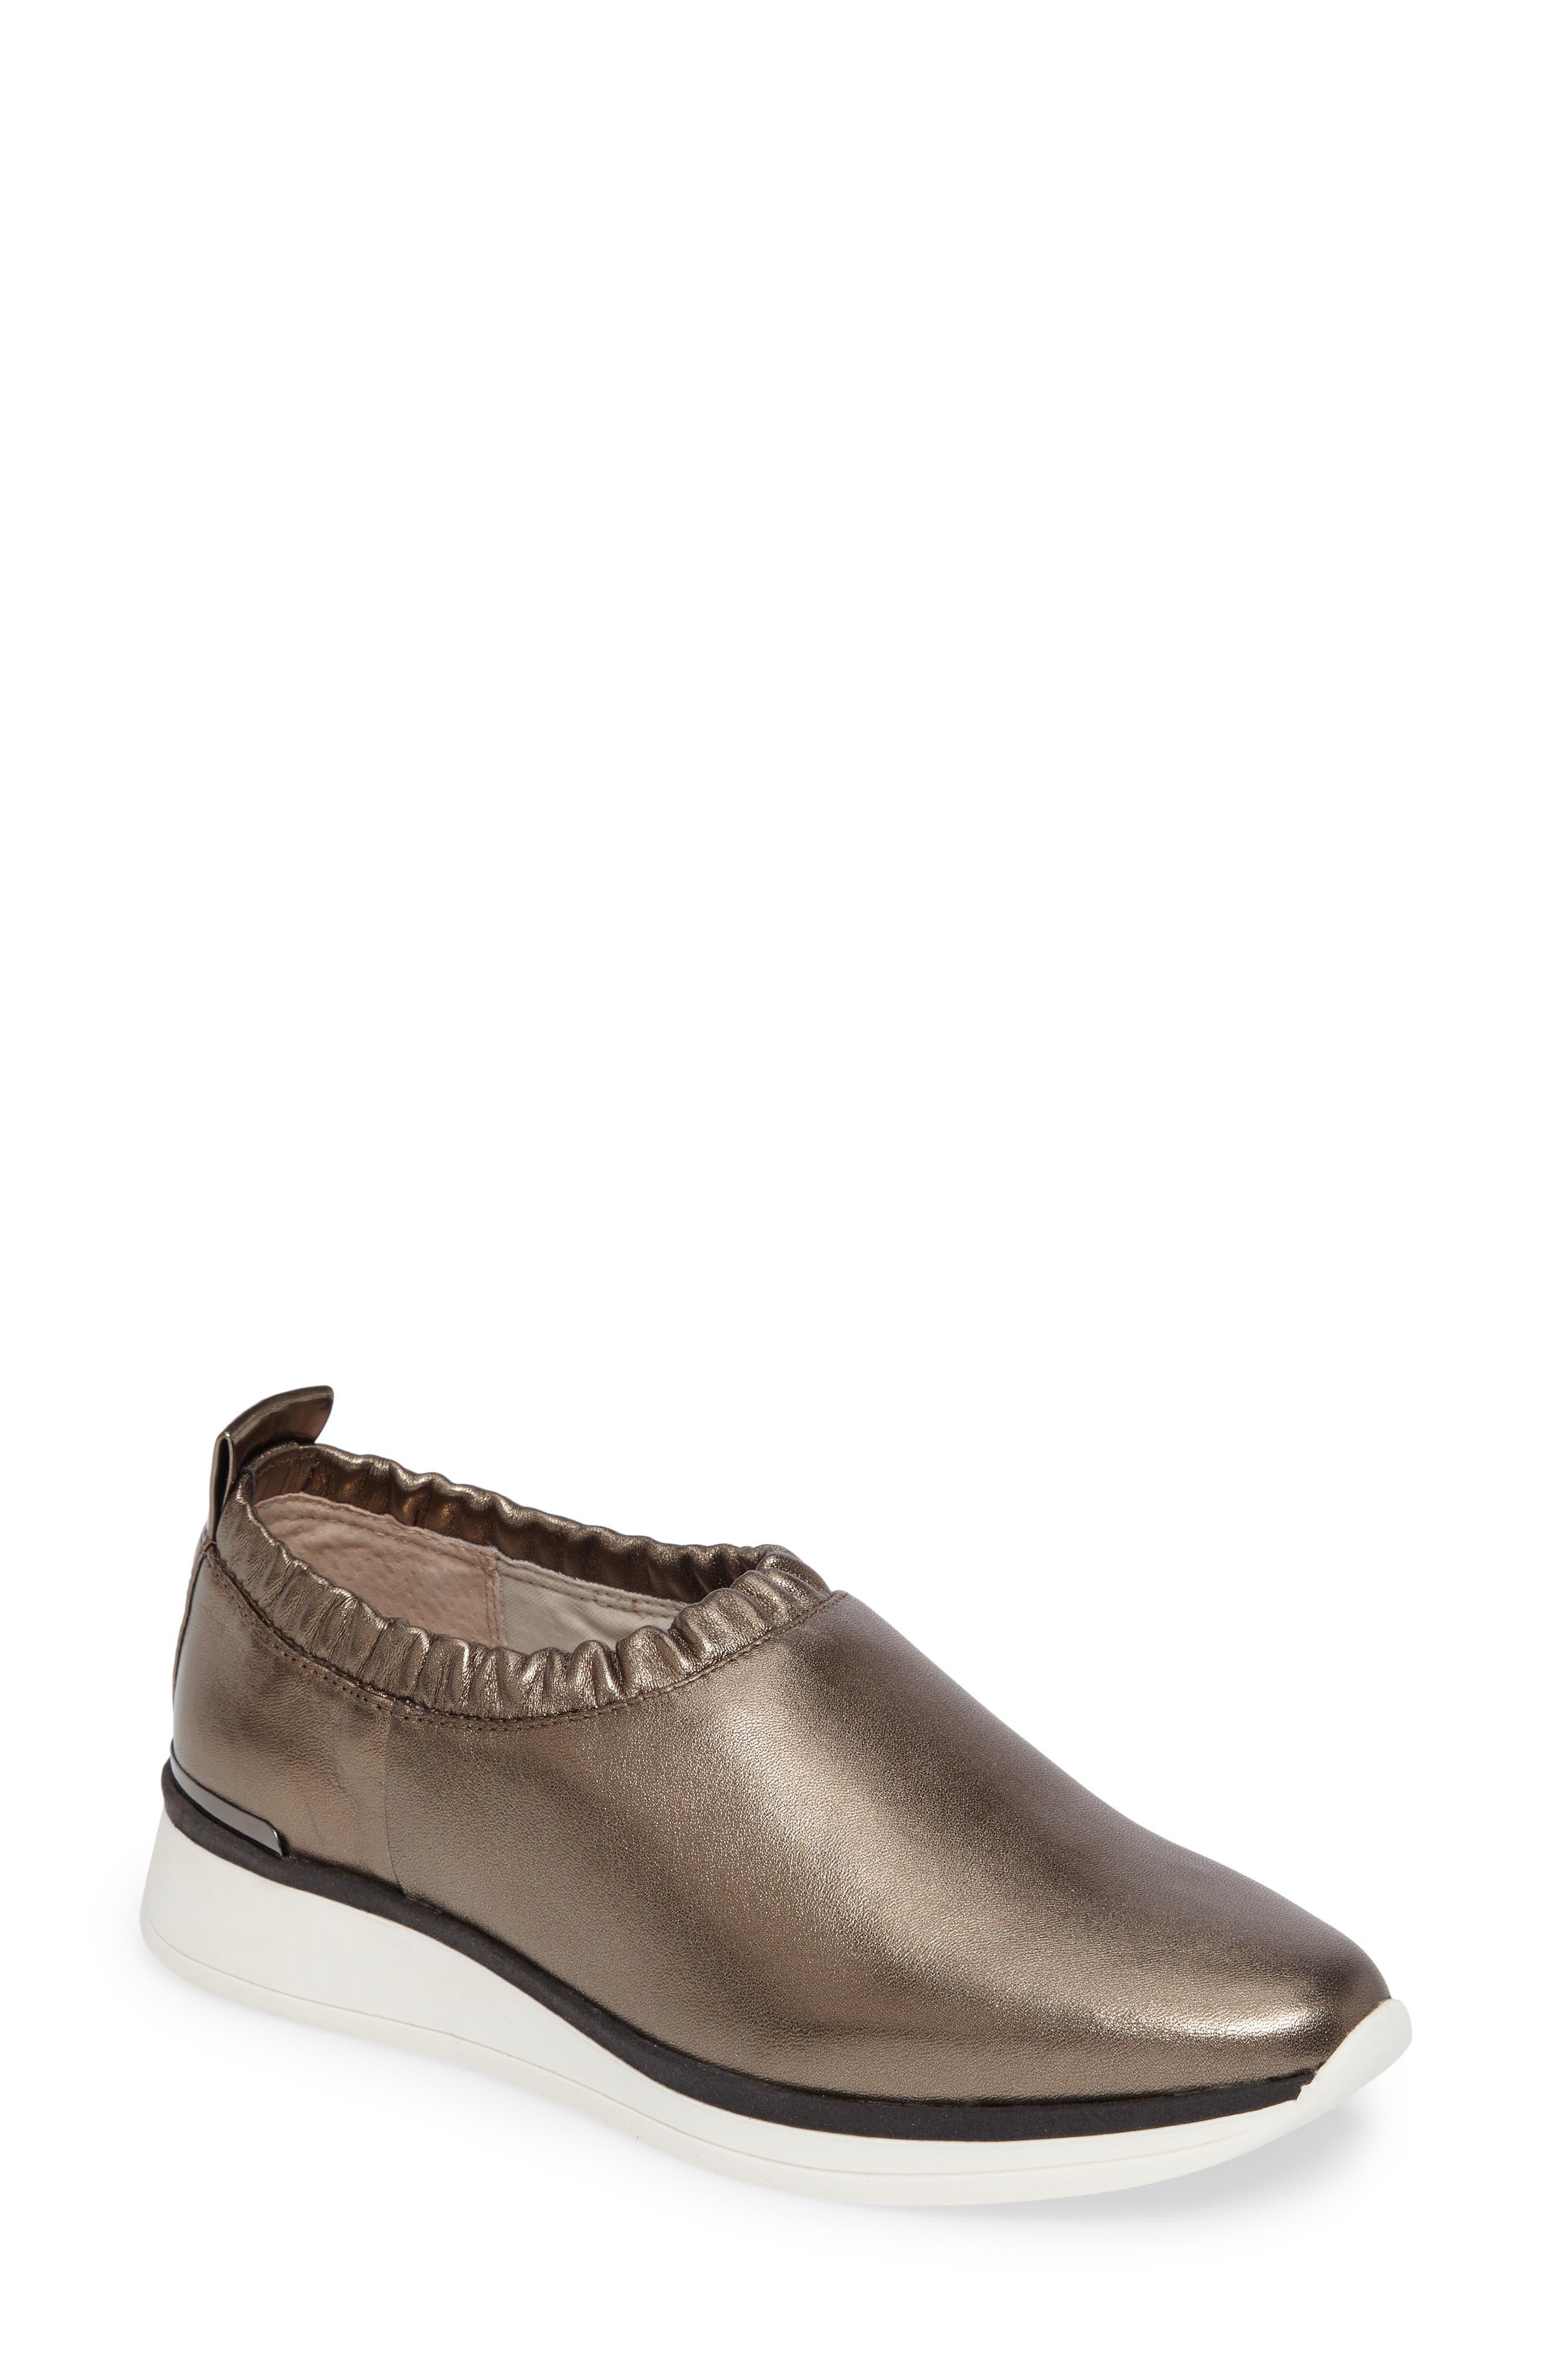 Brogen Slip-On Sneaker,                             Main thumbnail 2, color,